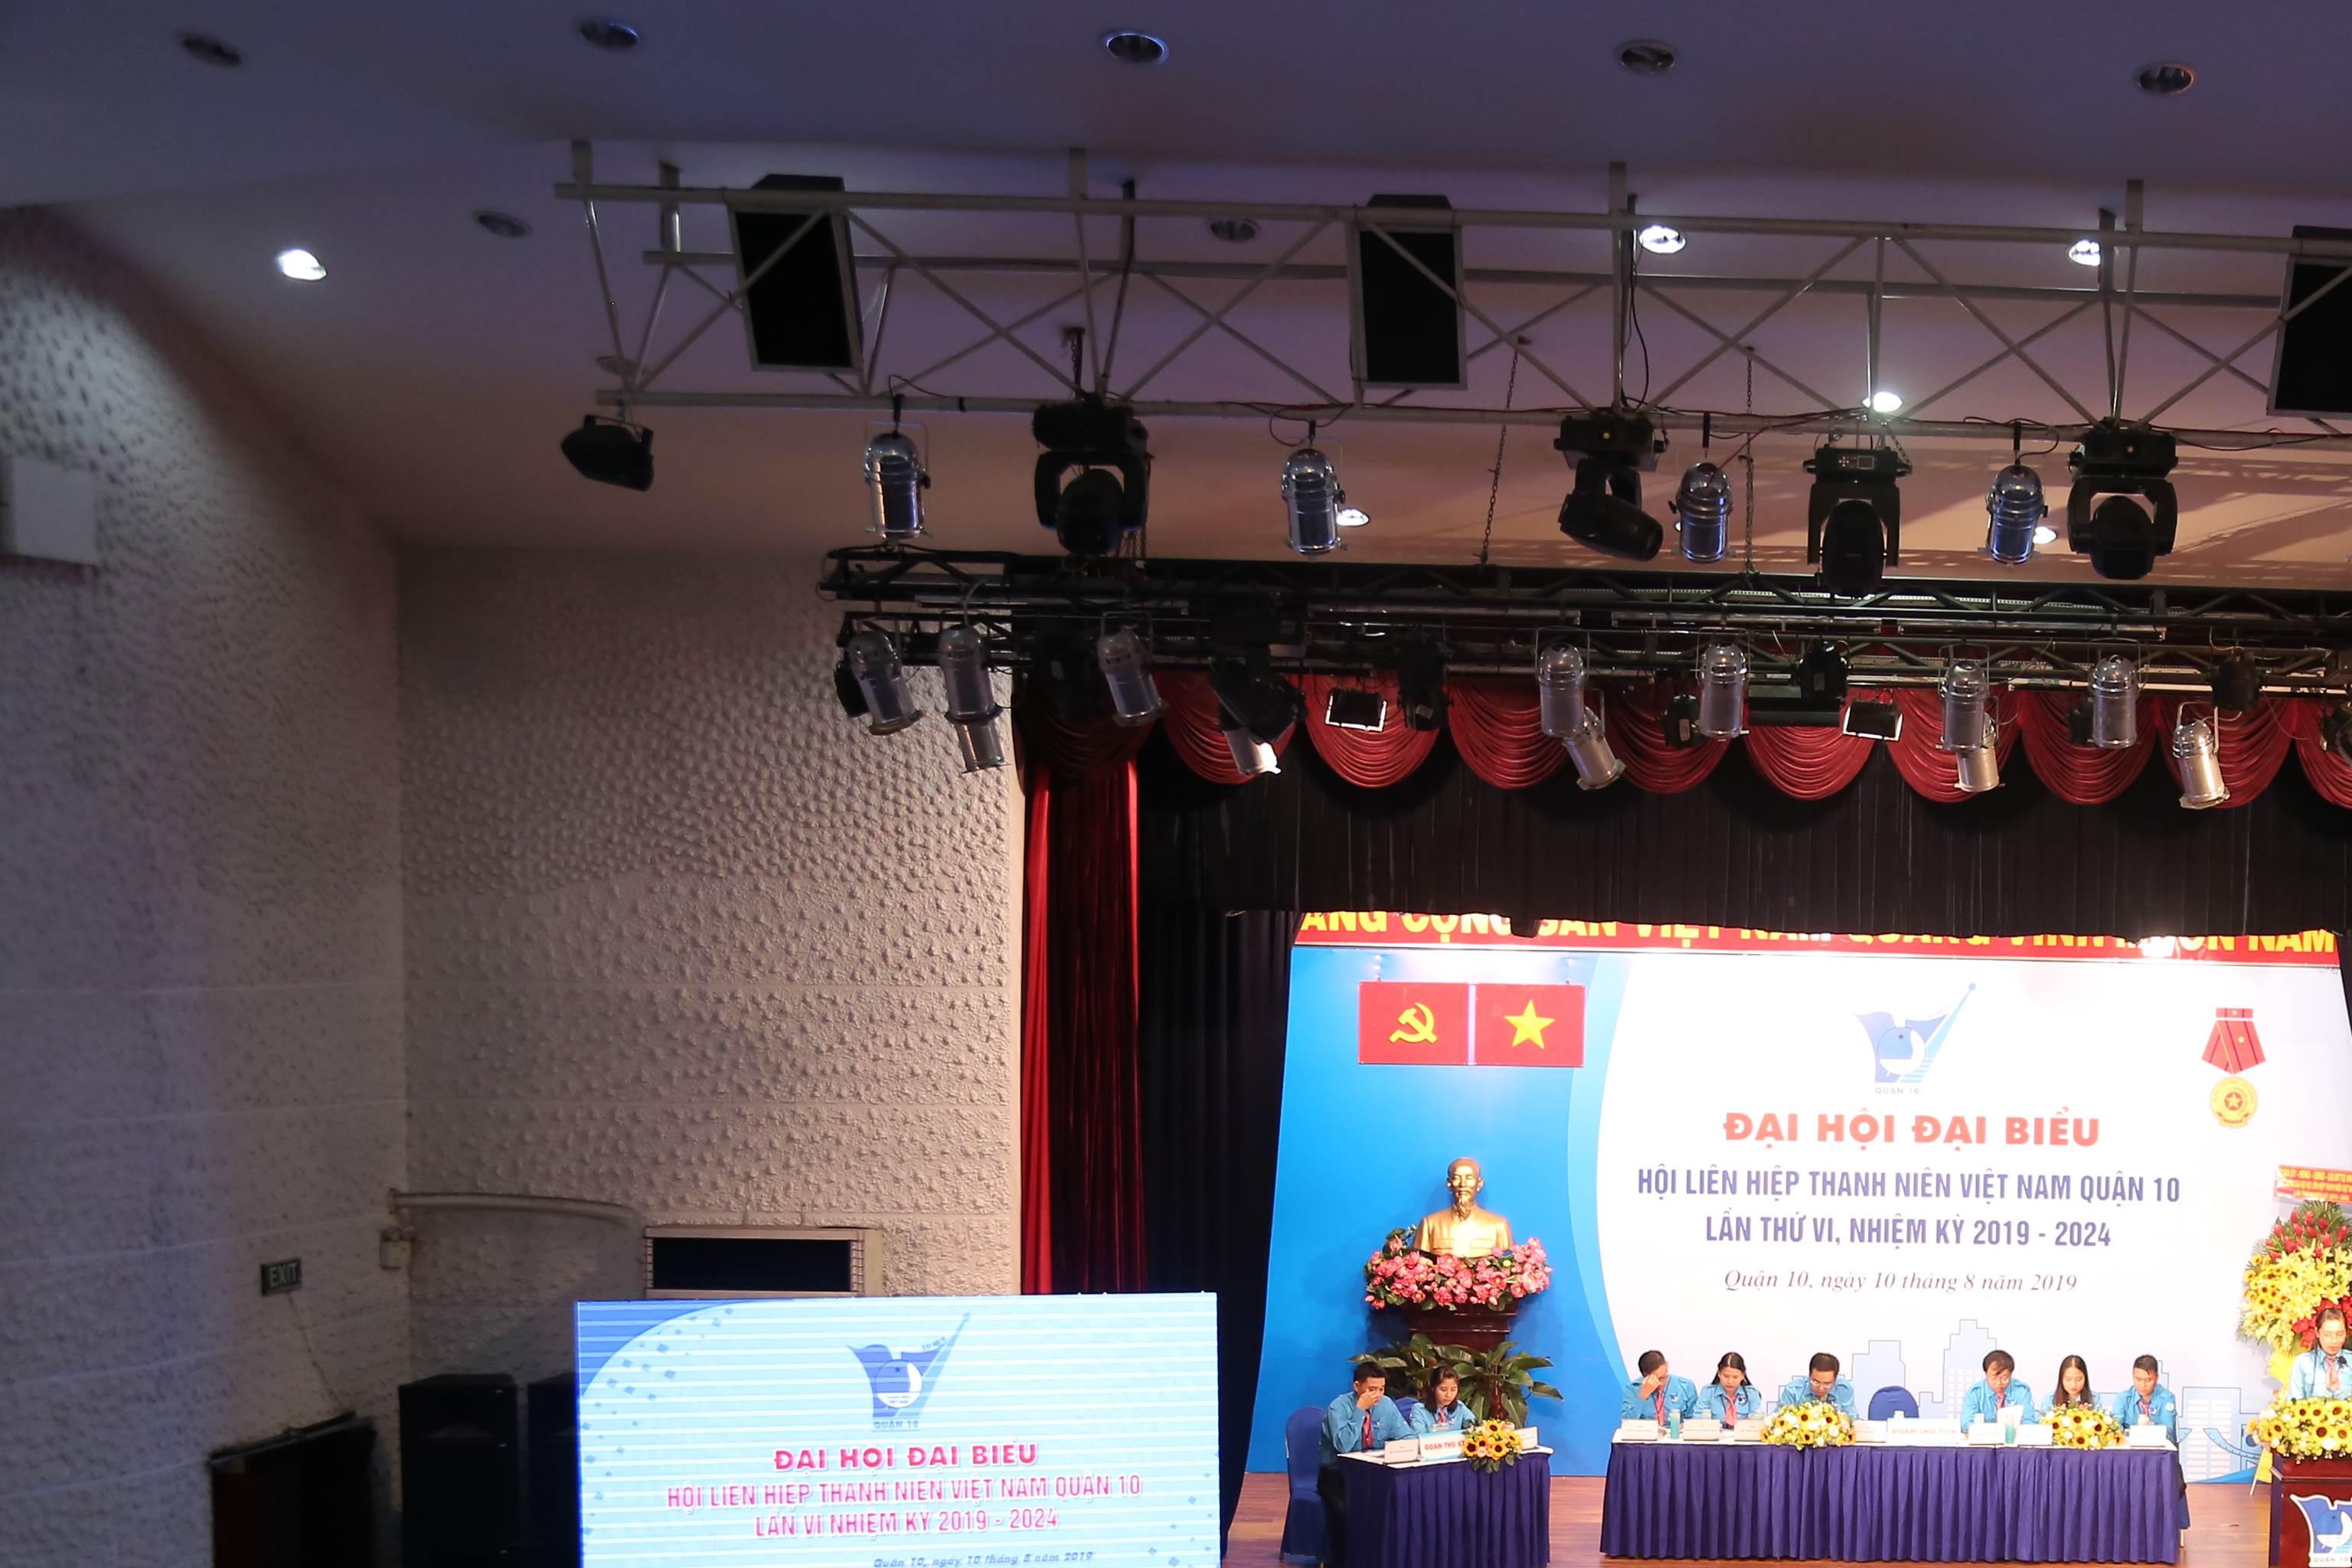 Đại hội Đại biểu Hội Liên hiệp Thanh niên Việt Nam Quận 10, lần VI nhiệm kỳ 2019 - 2024